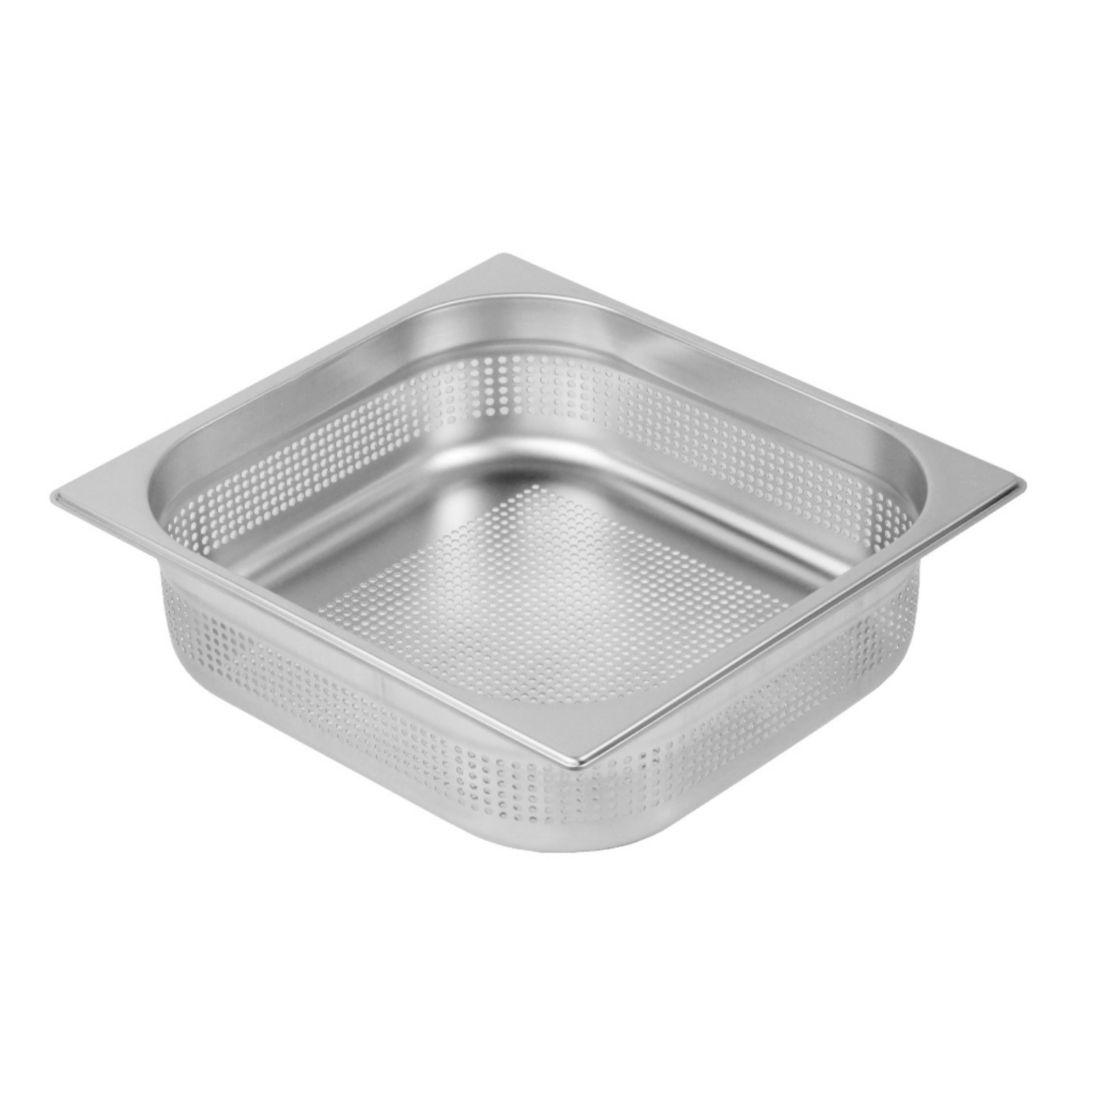 Gastronádoba Profi děrovaná s úchyty GN 2/3 200 mm